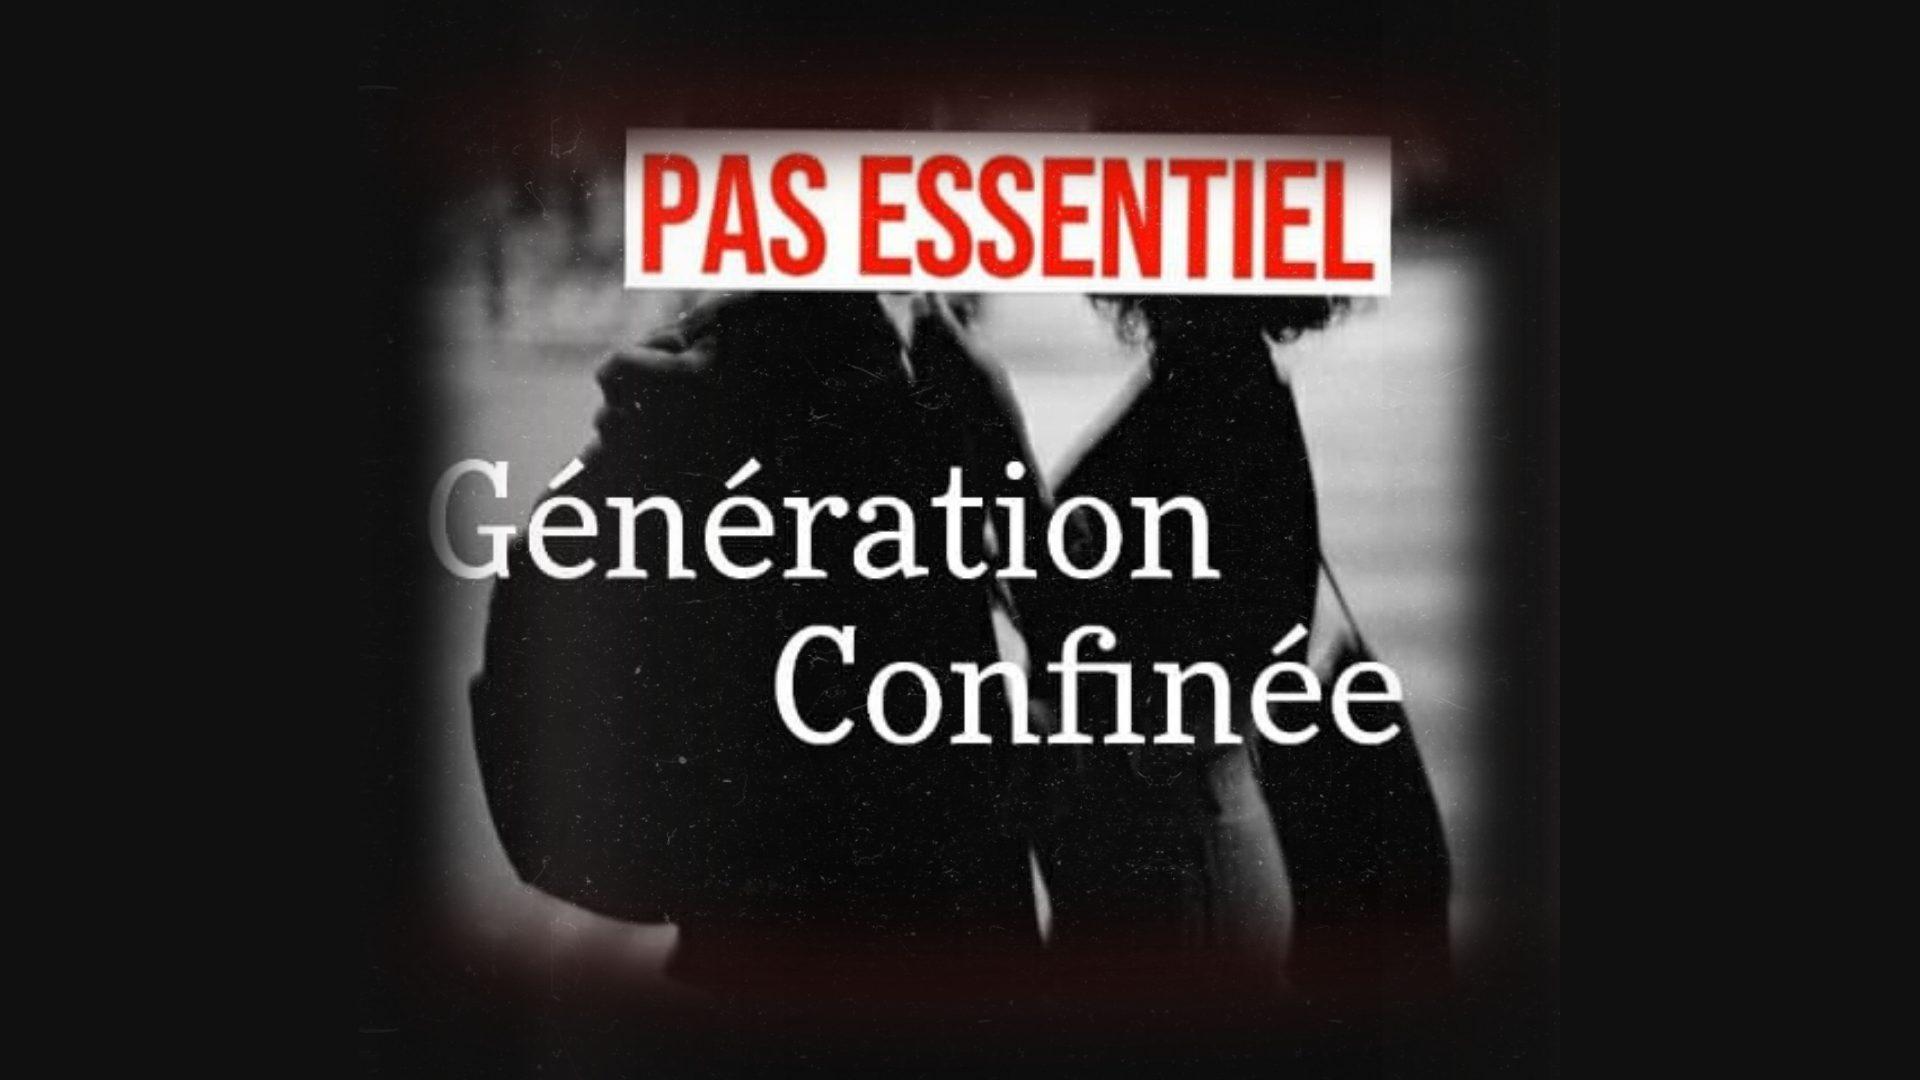 Un collectif anonyme s'apprête à produire un documentaire sur la jeunesse confinée